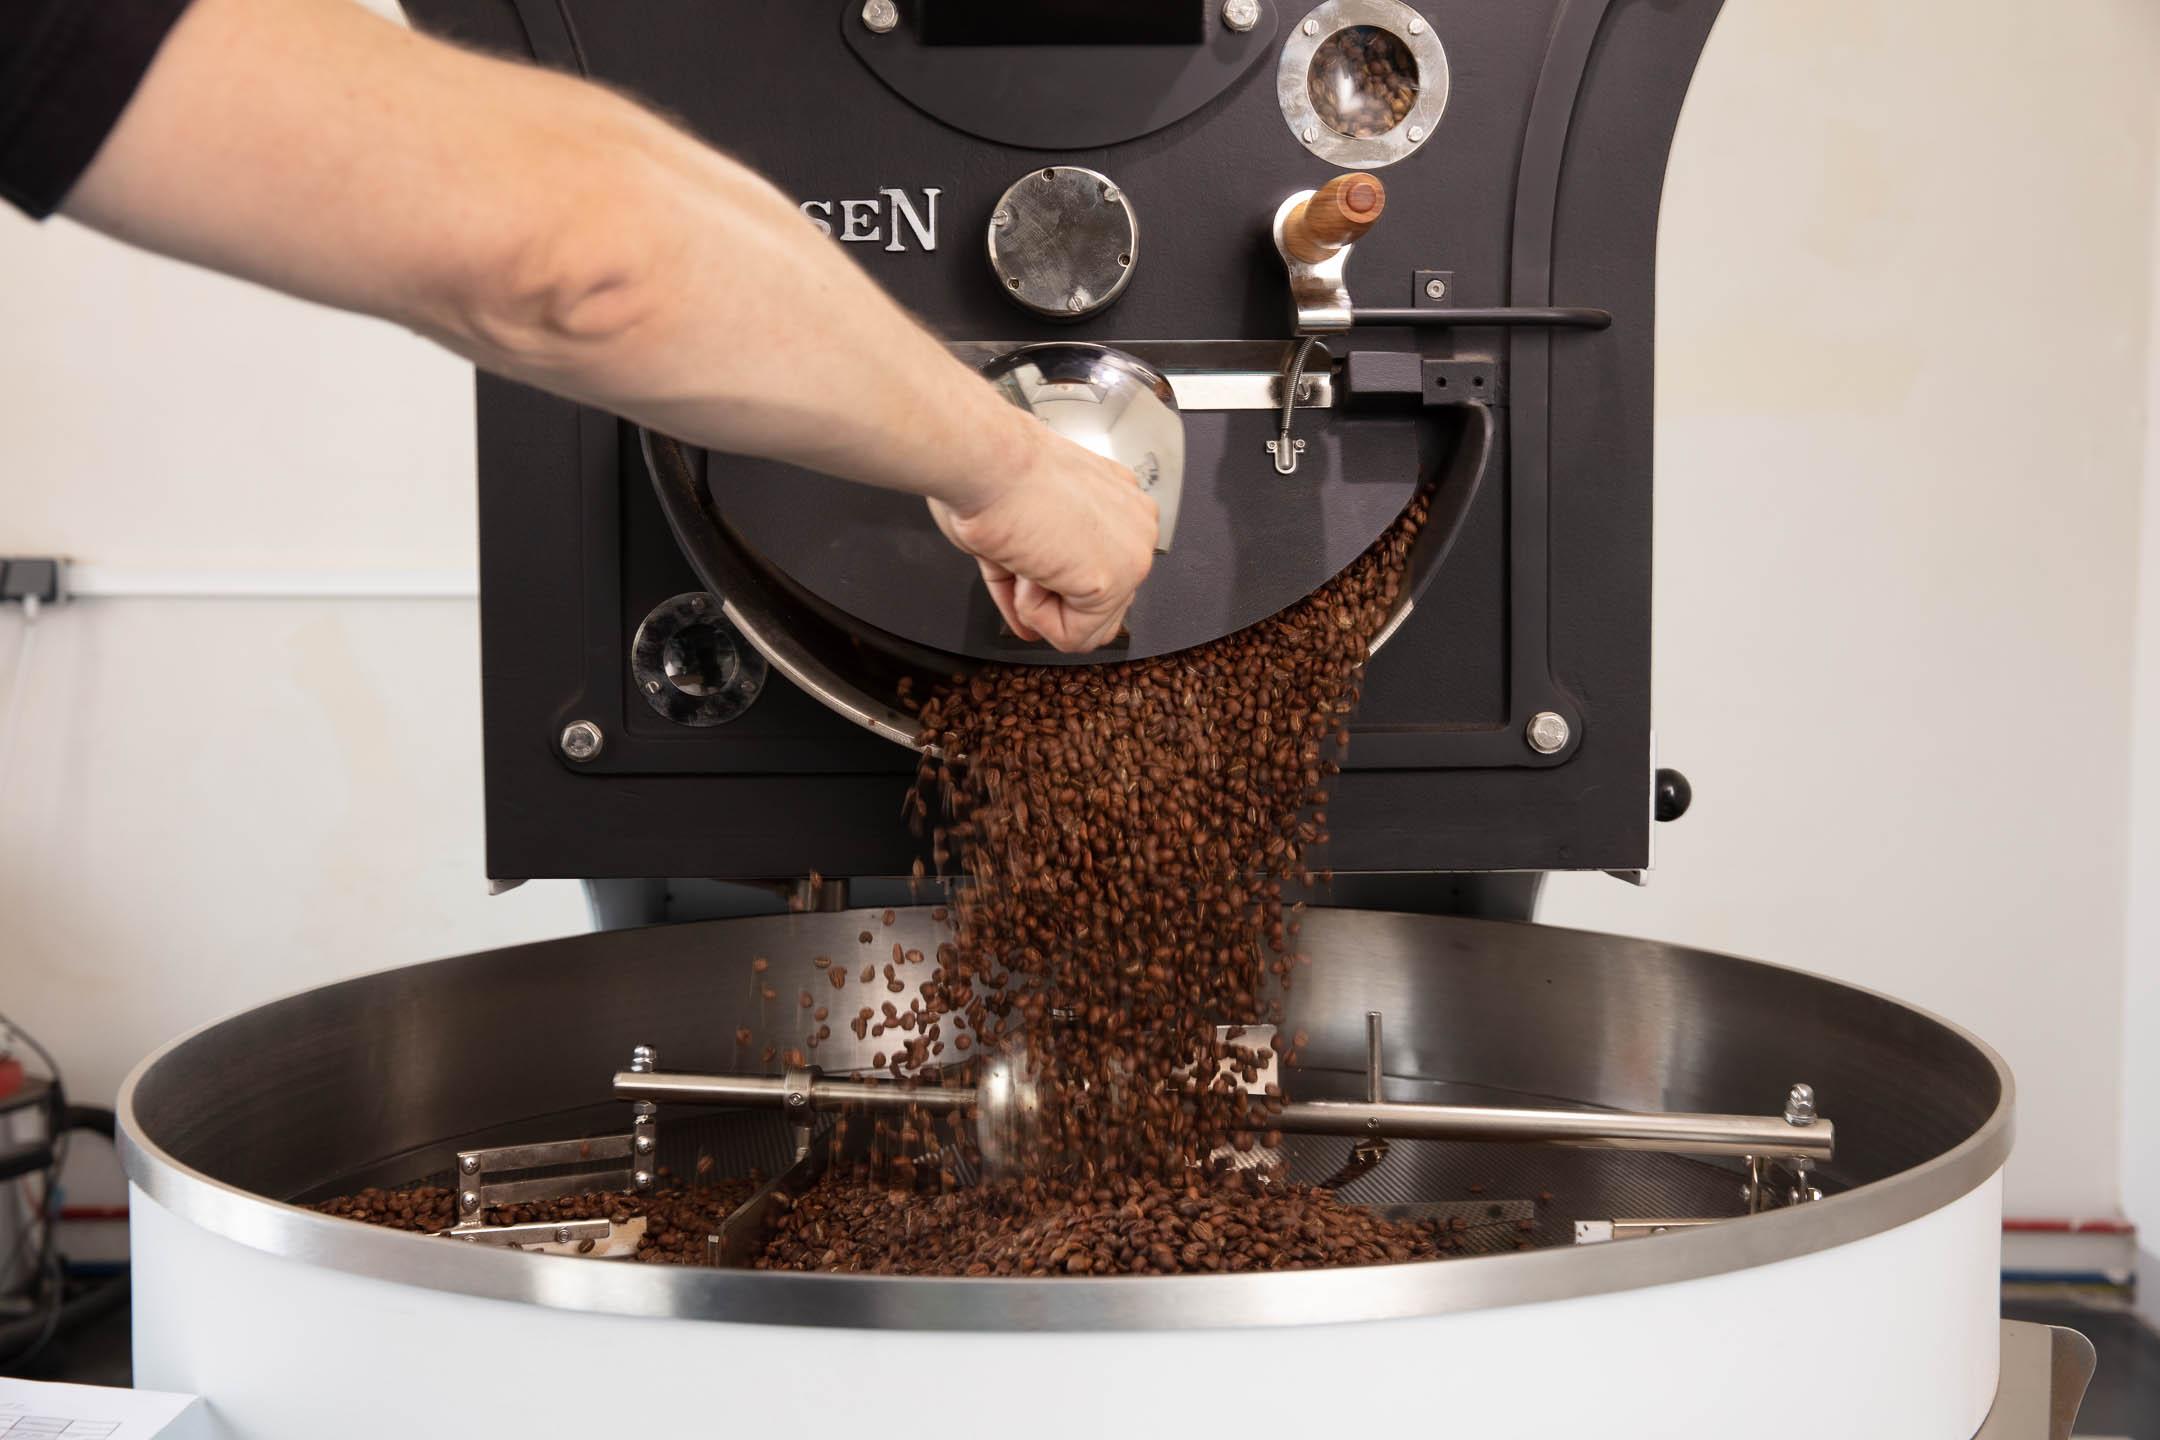 Kaffee frisch geröstet wird ausgeschüttet